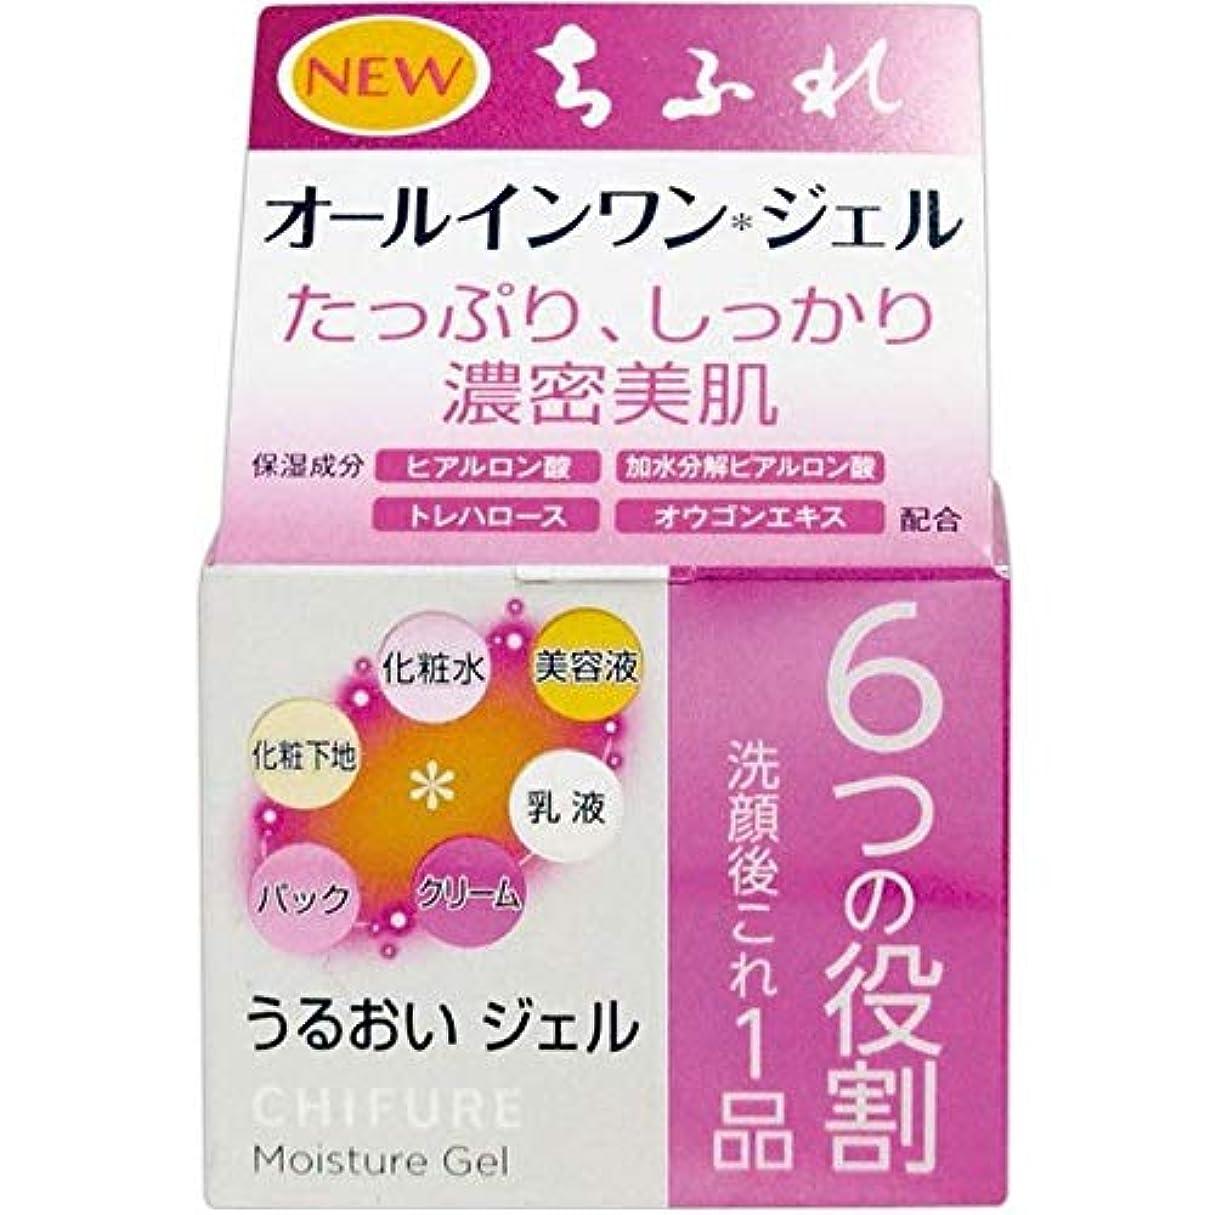 行商人強制的消費するちふれ化粧品 うるおいジェル 108G